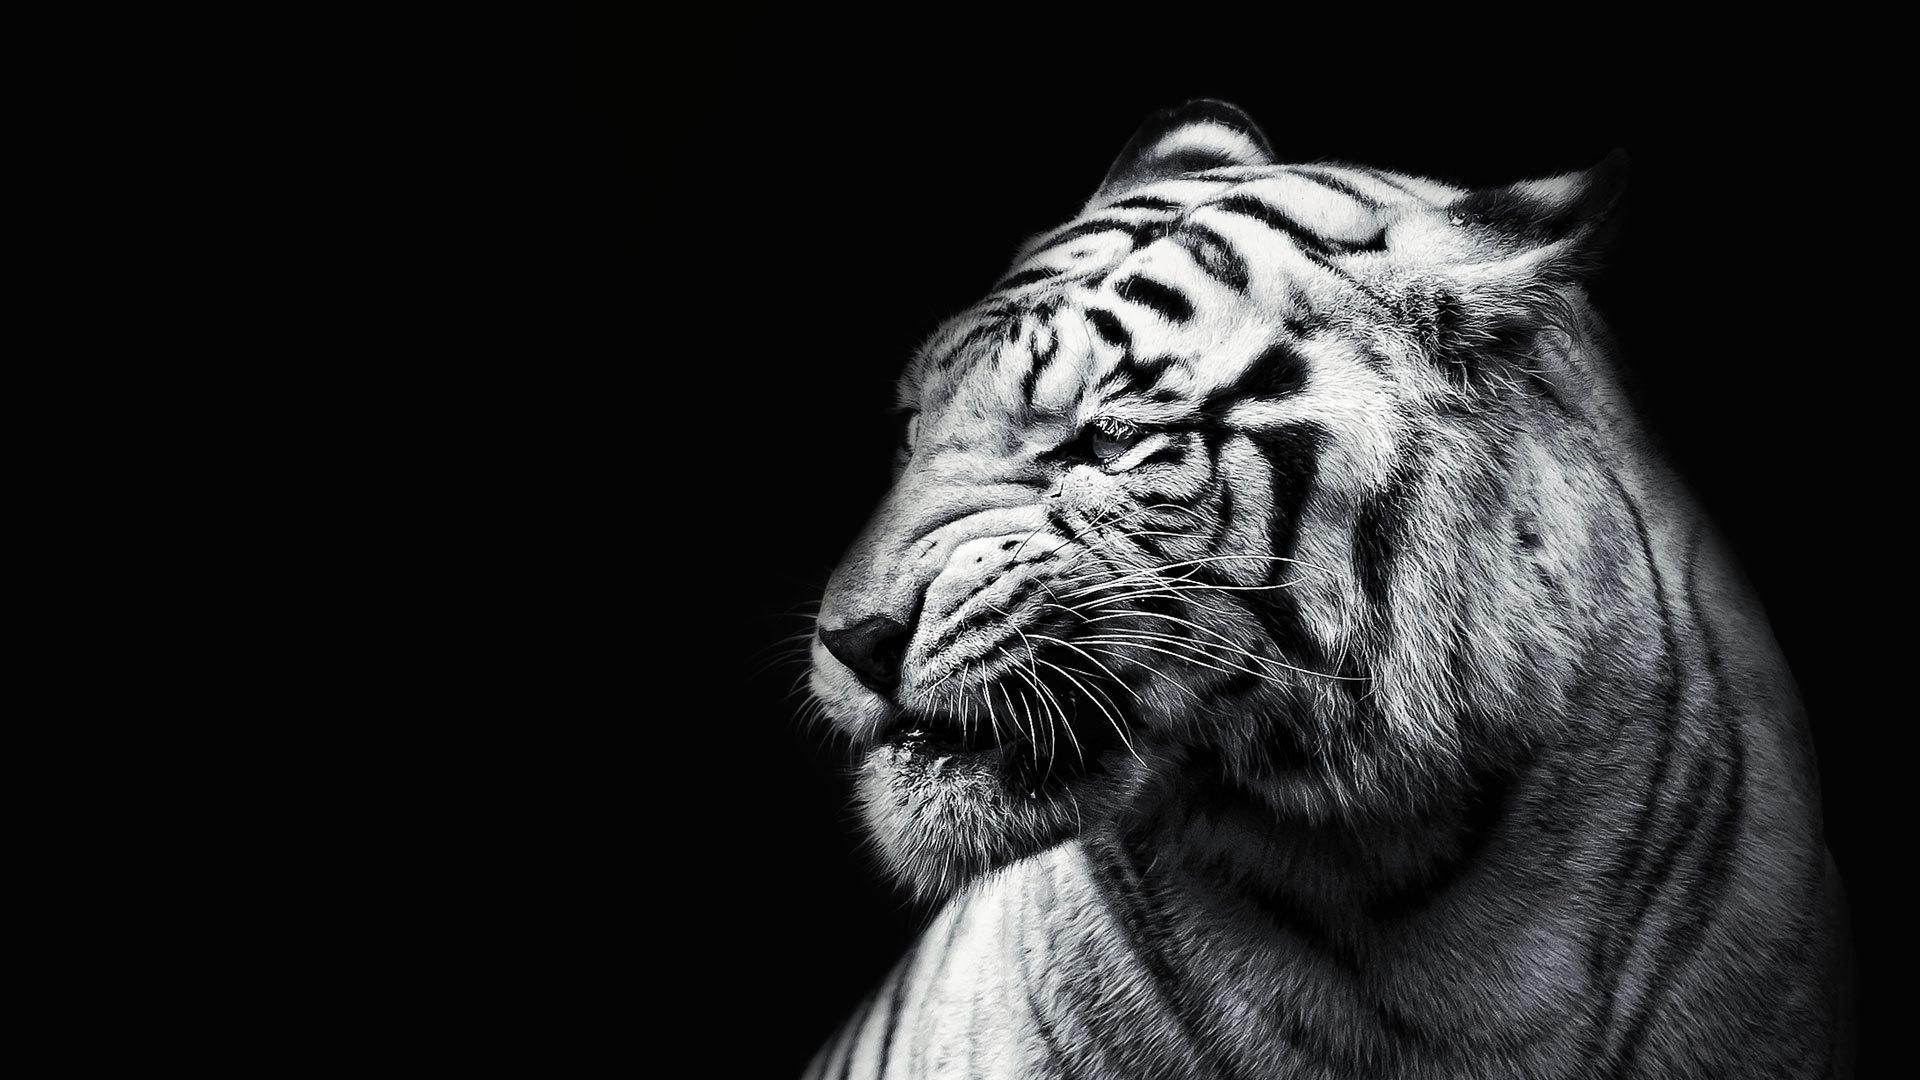 Картинки белого тигра на черном фоне